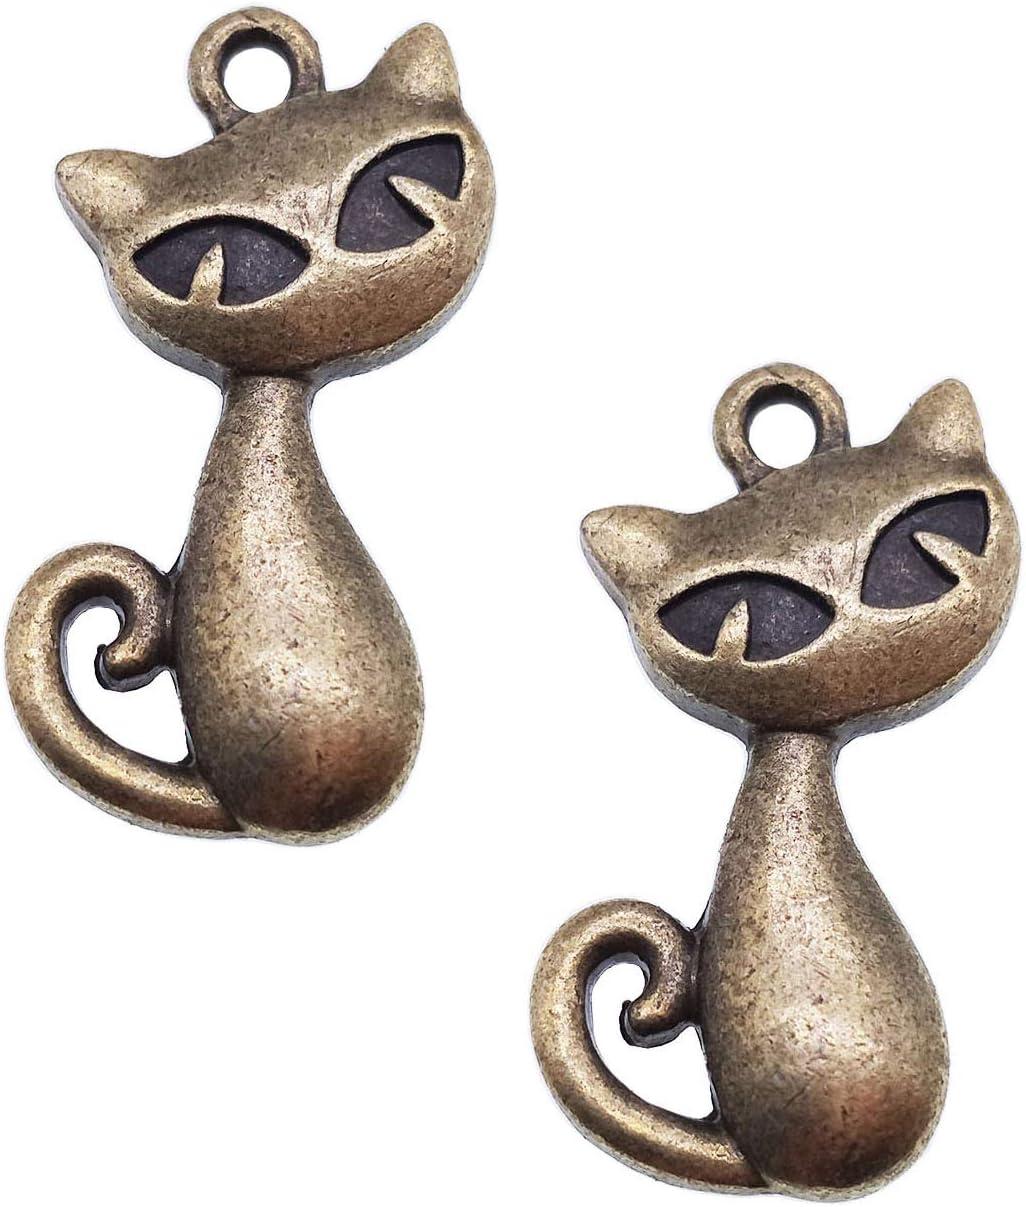 2 Carousel pendants antique silver tone A1039